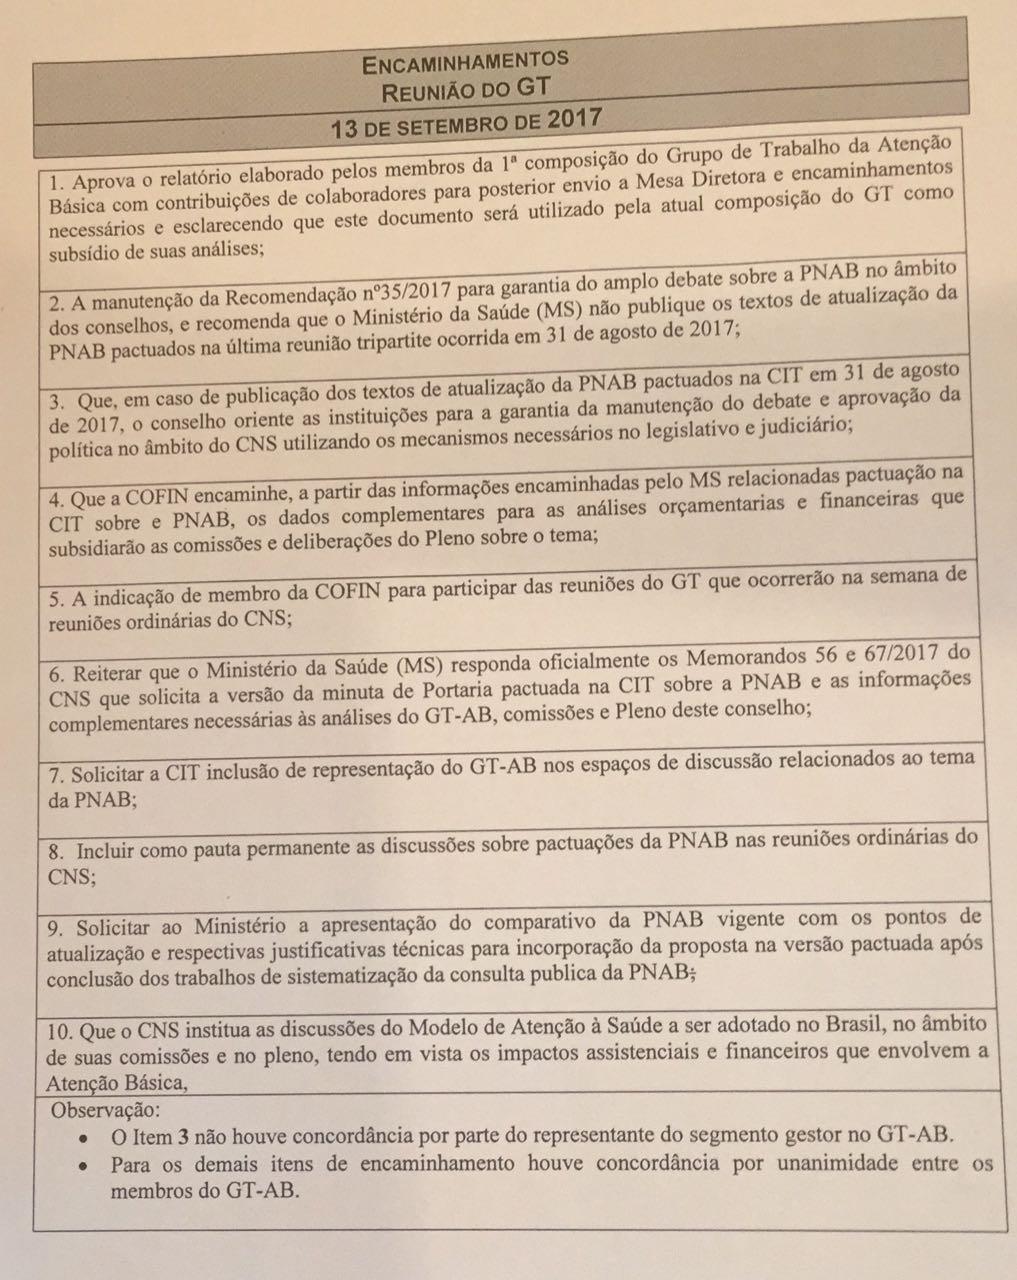 Reunião desonestos brasileiros 434640